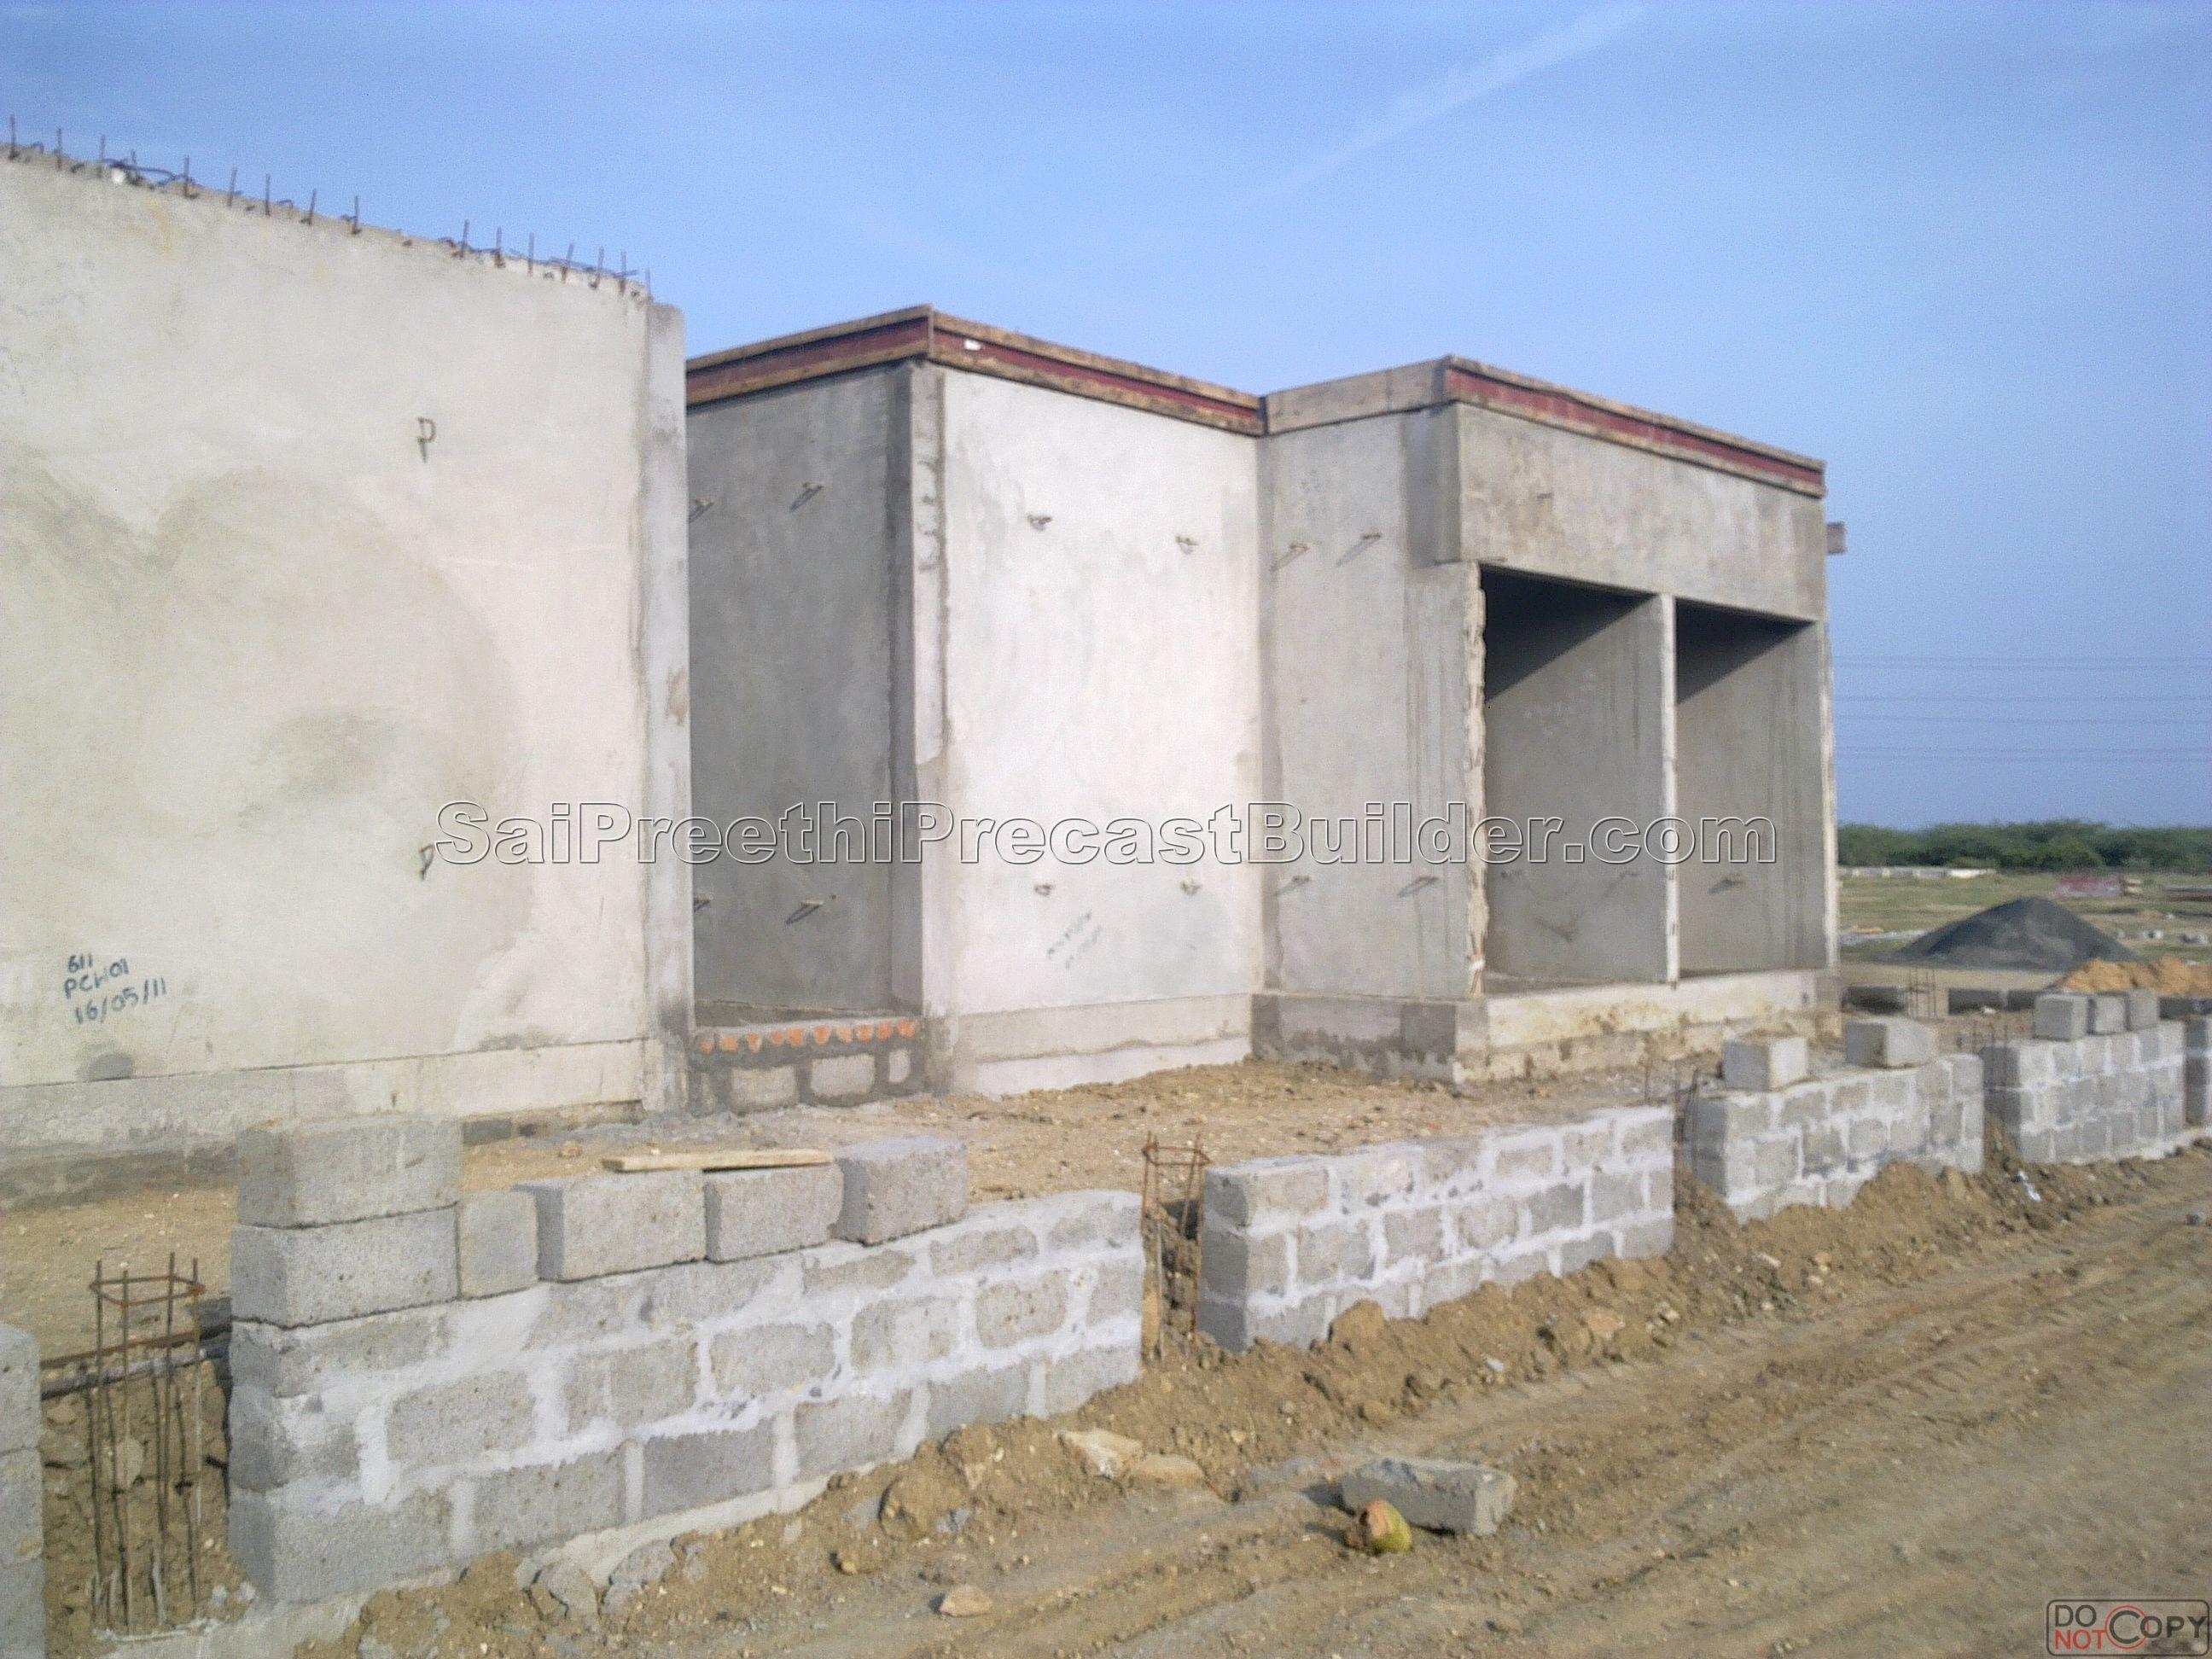 Precast residential house 4 sai preethi precast builder Precast concrete residential homes